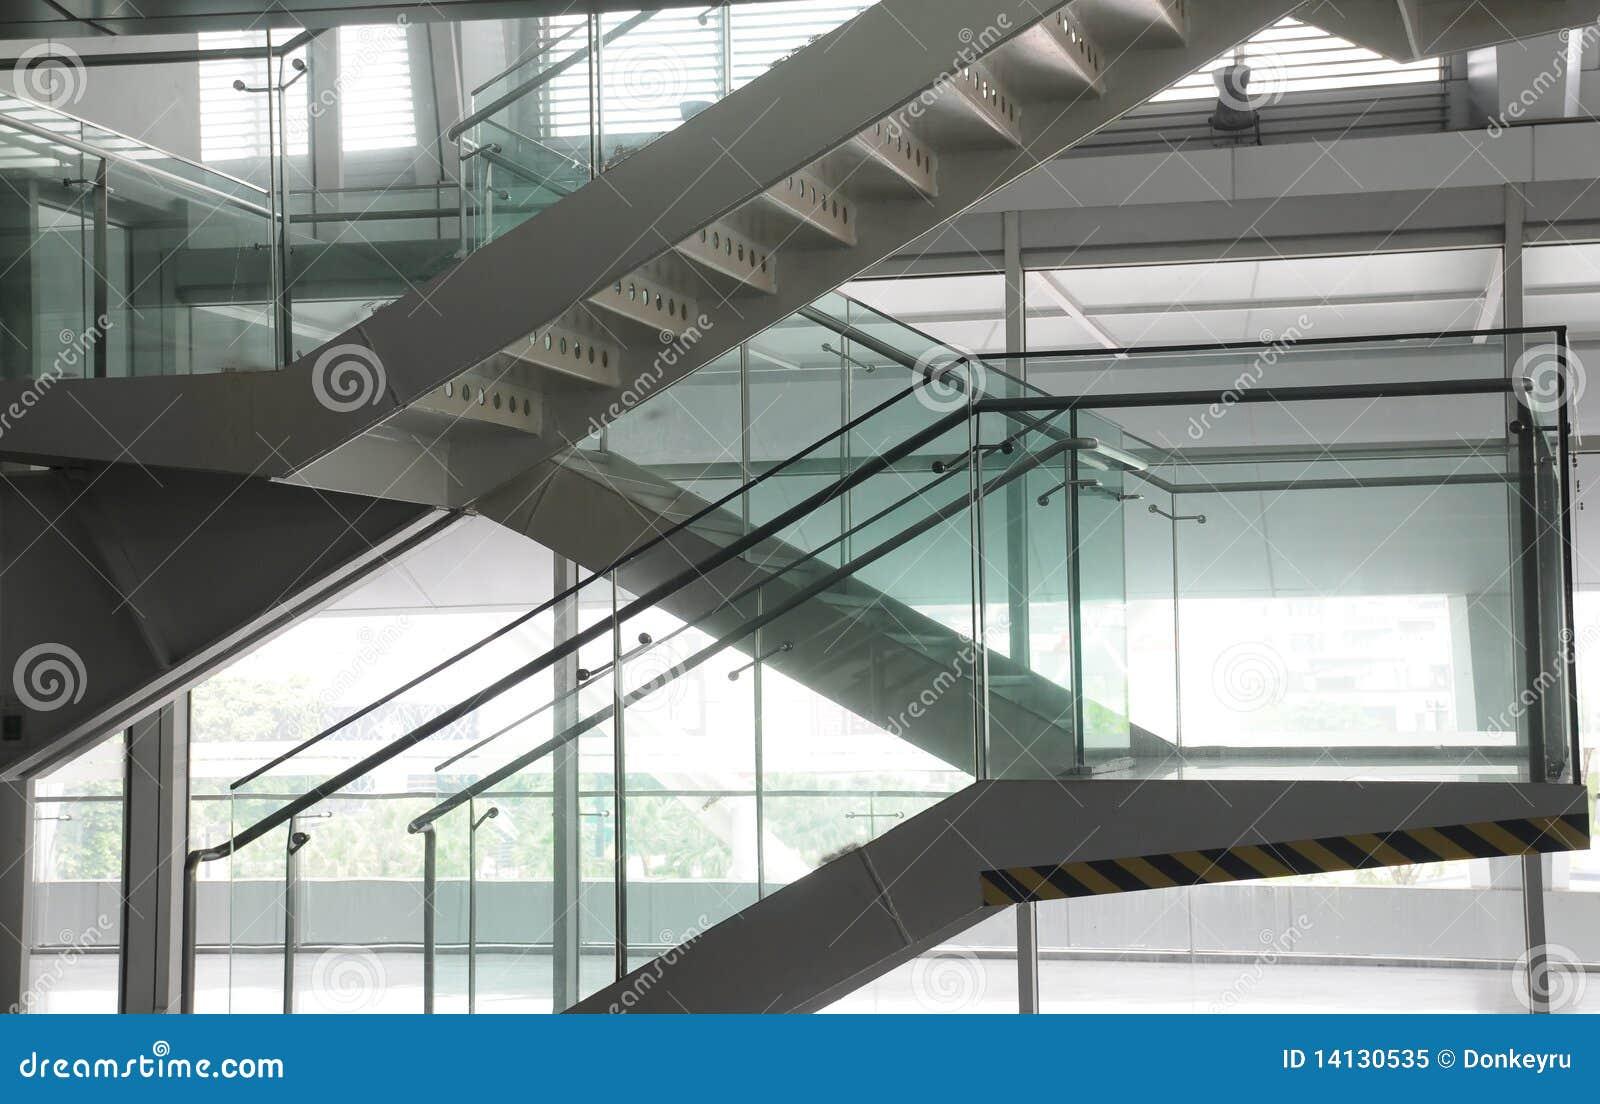 escalera de acero y de cristal foto de archivo libre de regalas